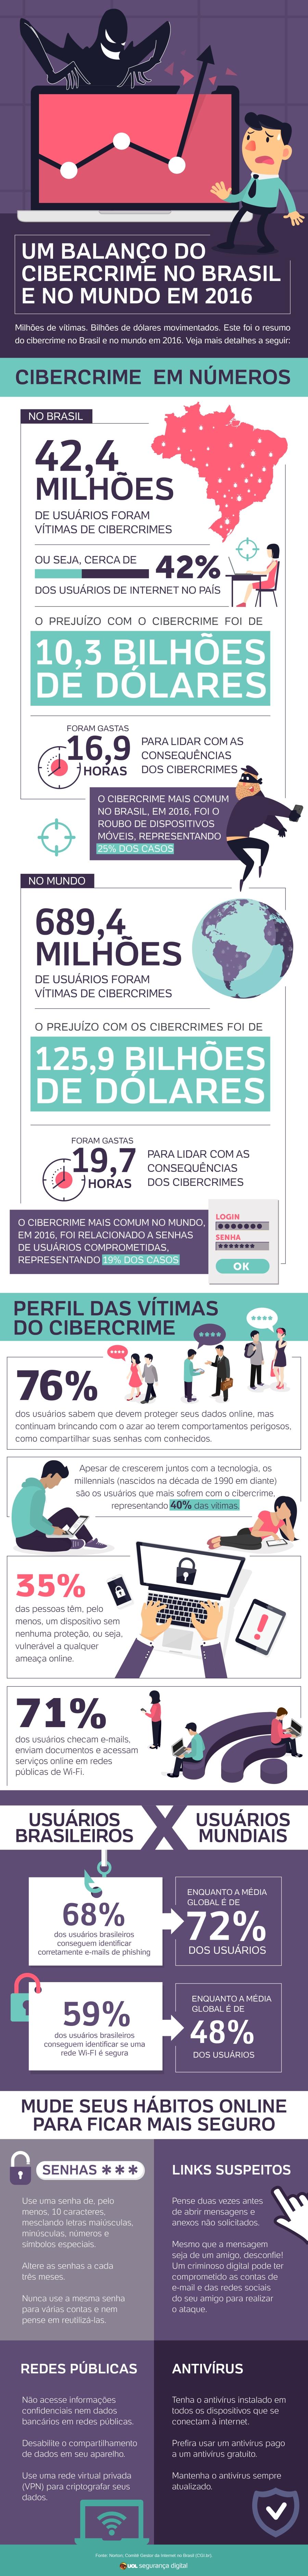 Fonte: http://seguranca.uol.com.br/antivirus/infograficos/estatisticas_e_tendencias_de_seguranca_para_2017.html